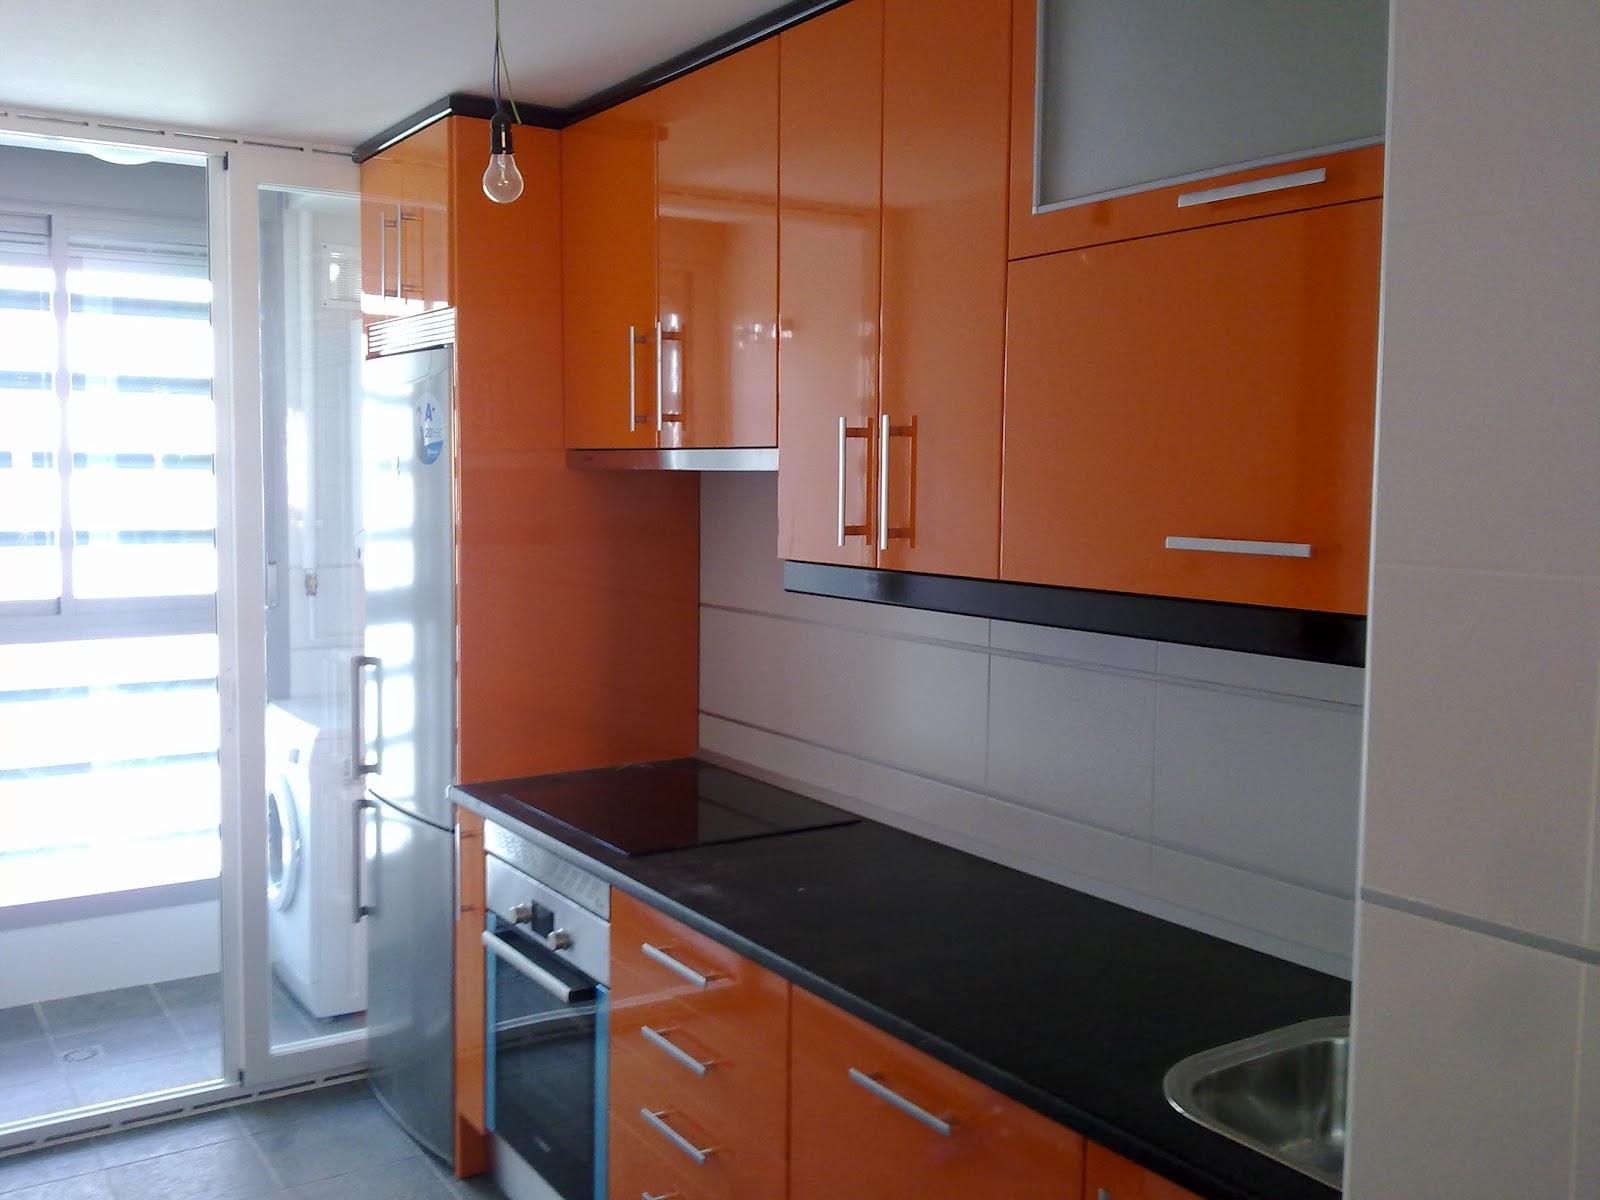 Laminado alto brillo naranja remates y encimera negro for Muebles de cocina negro